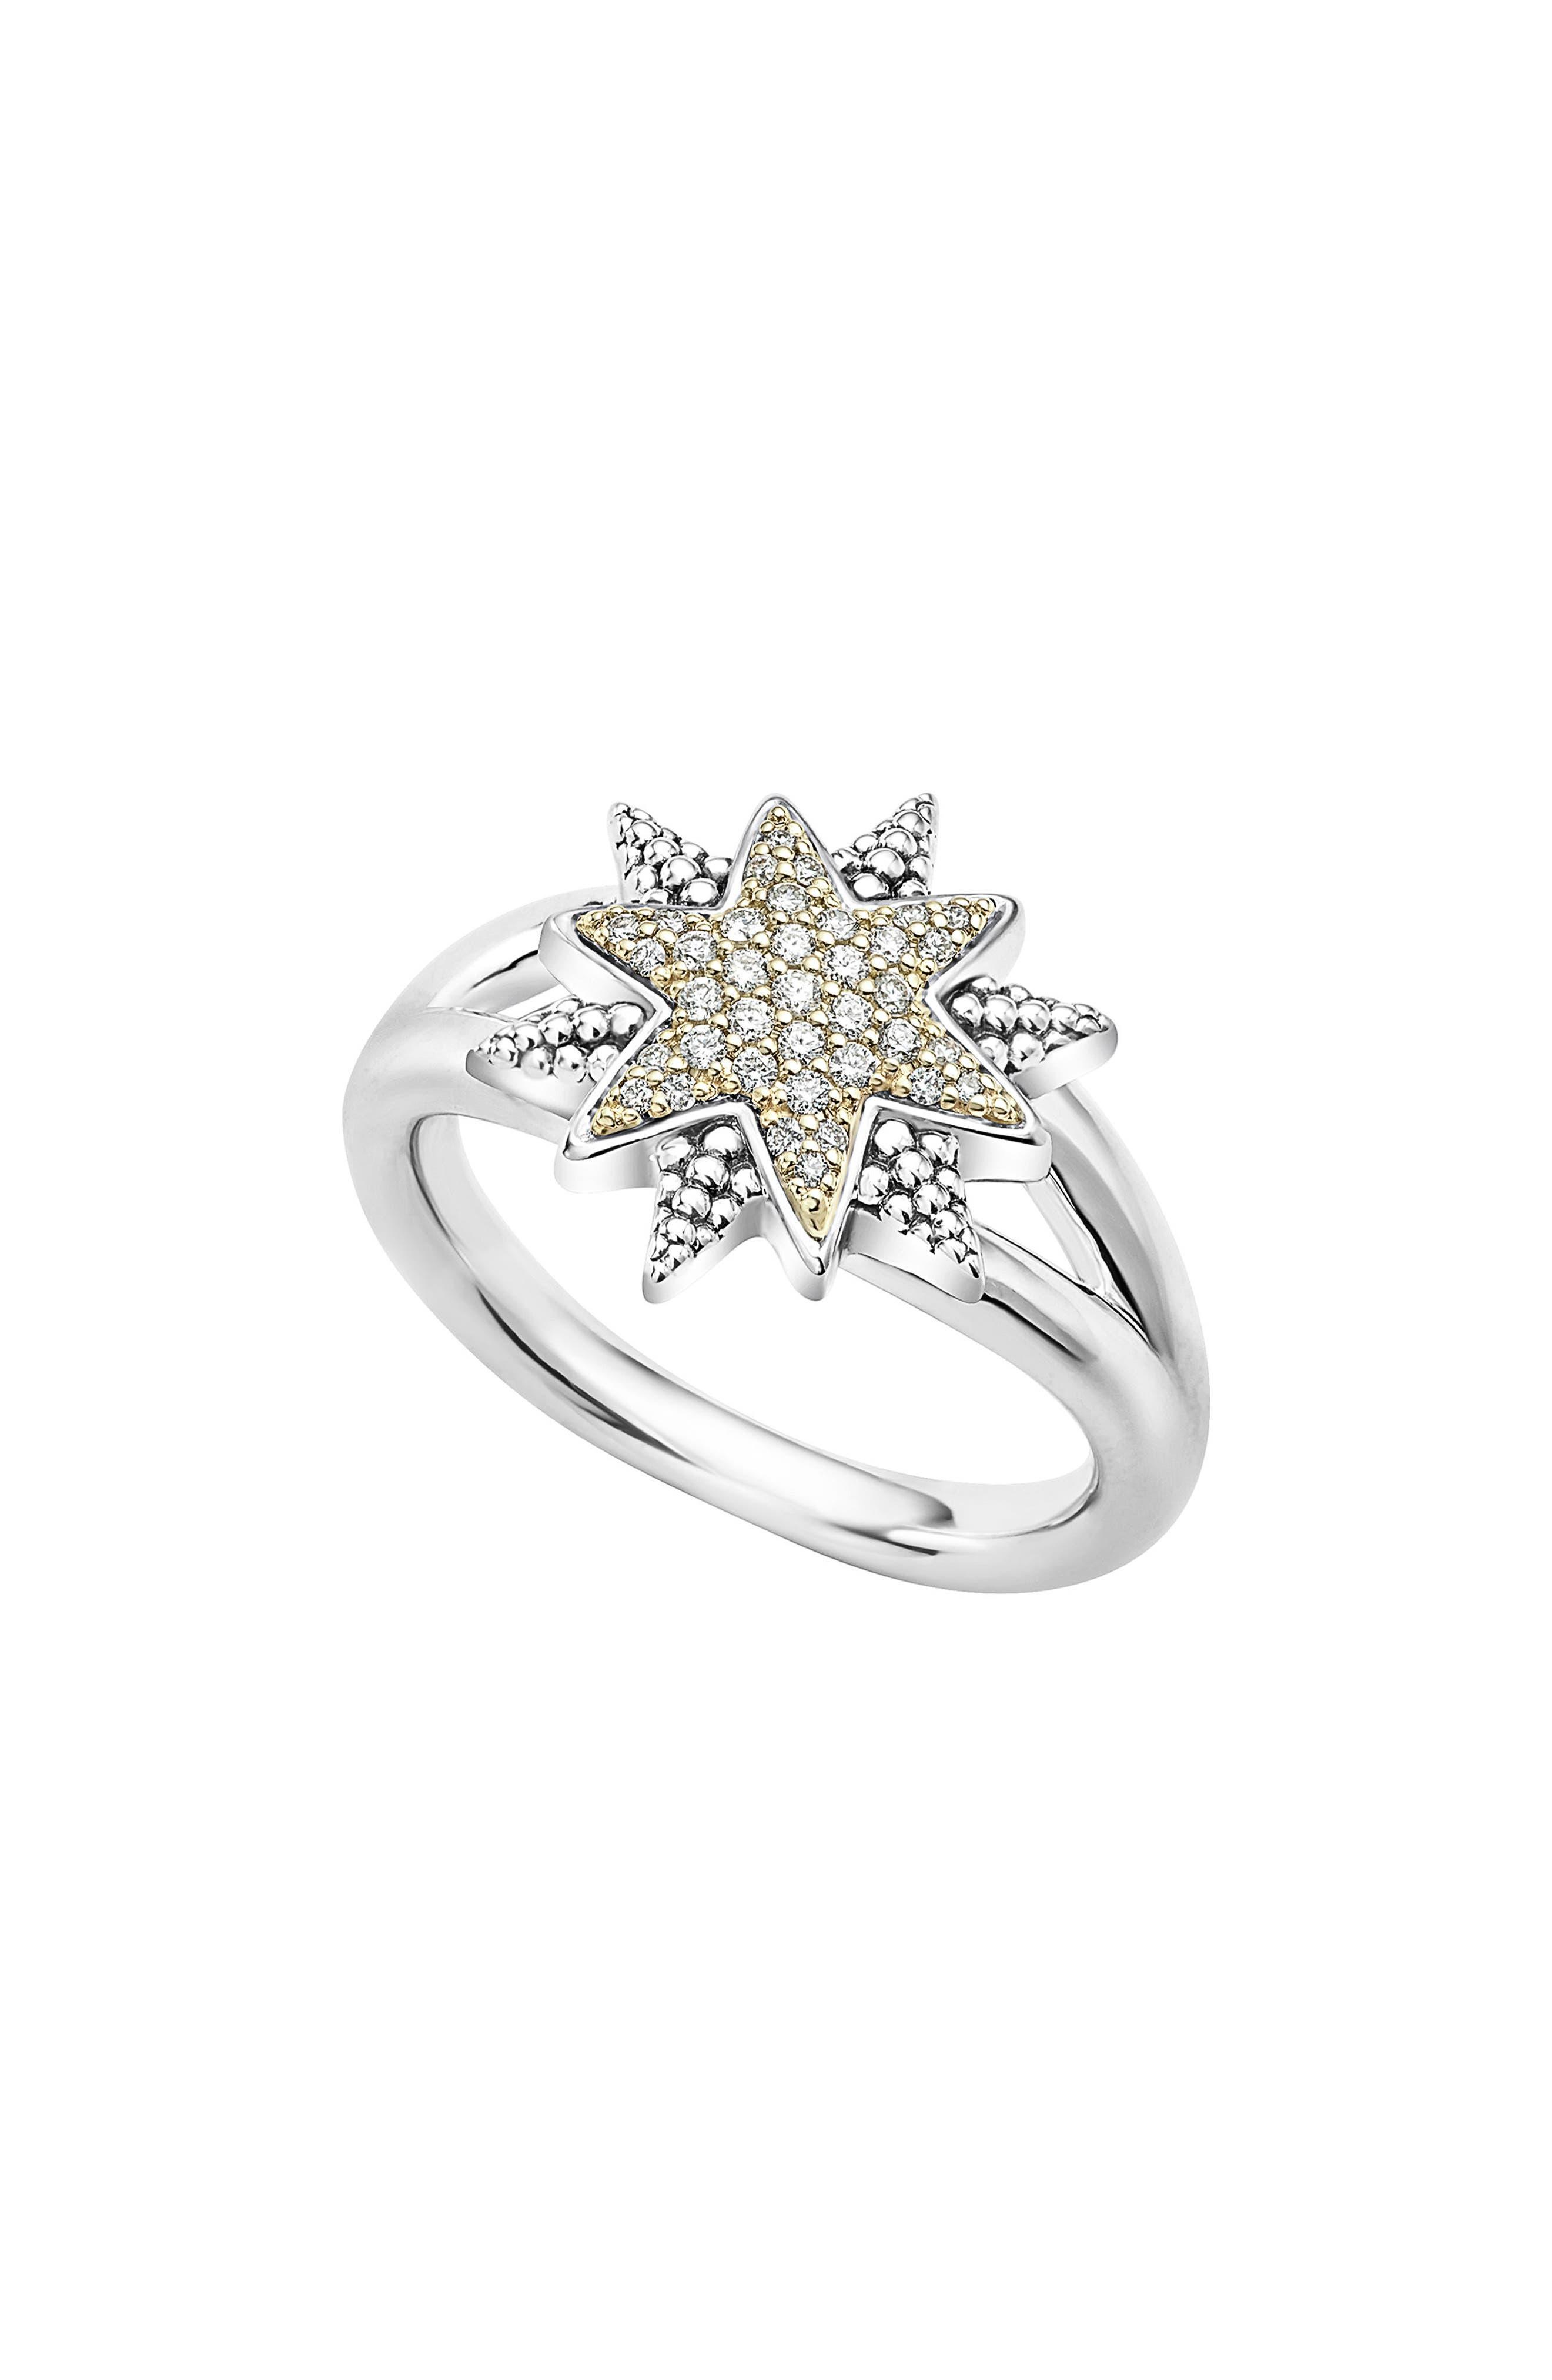 Main Image - LAGOS North Star Ring